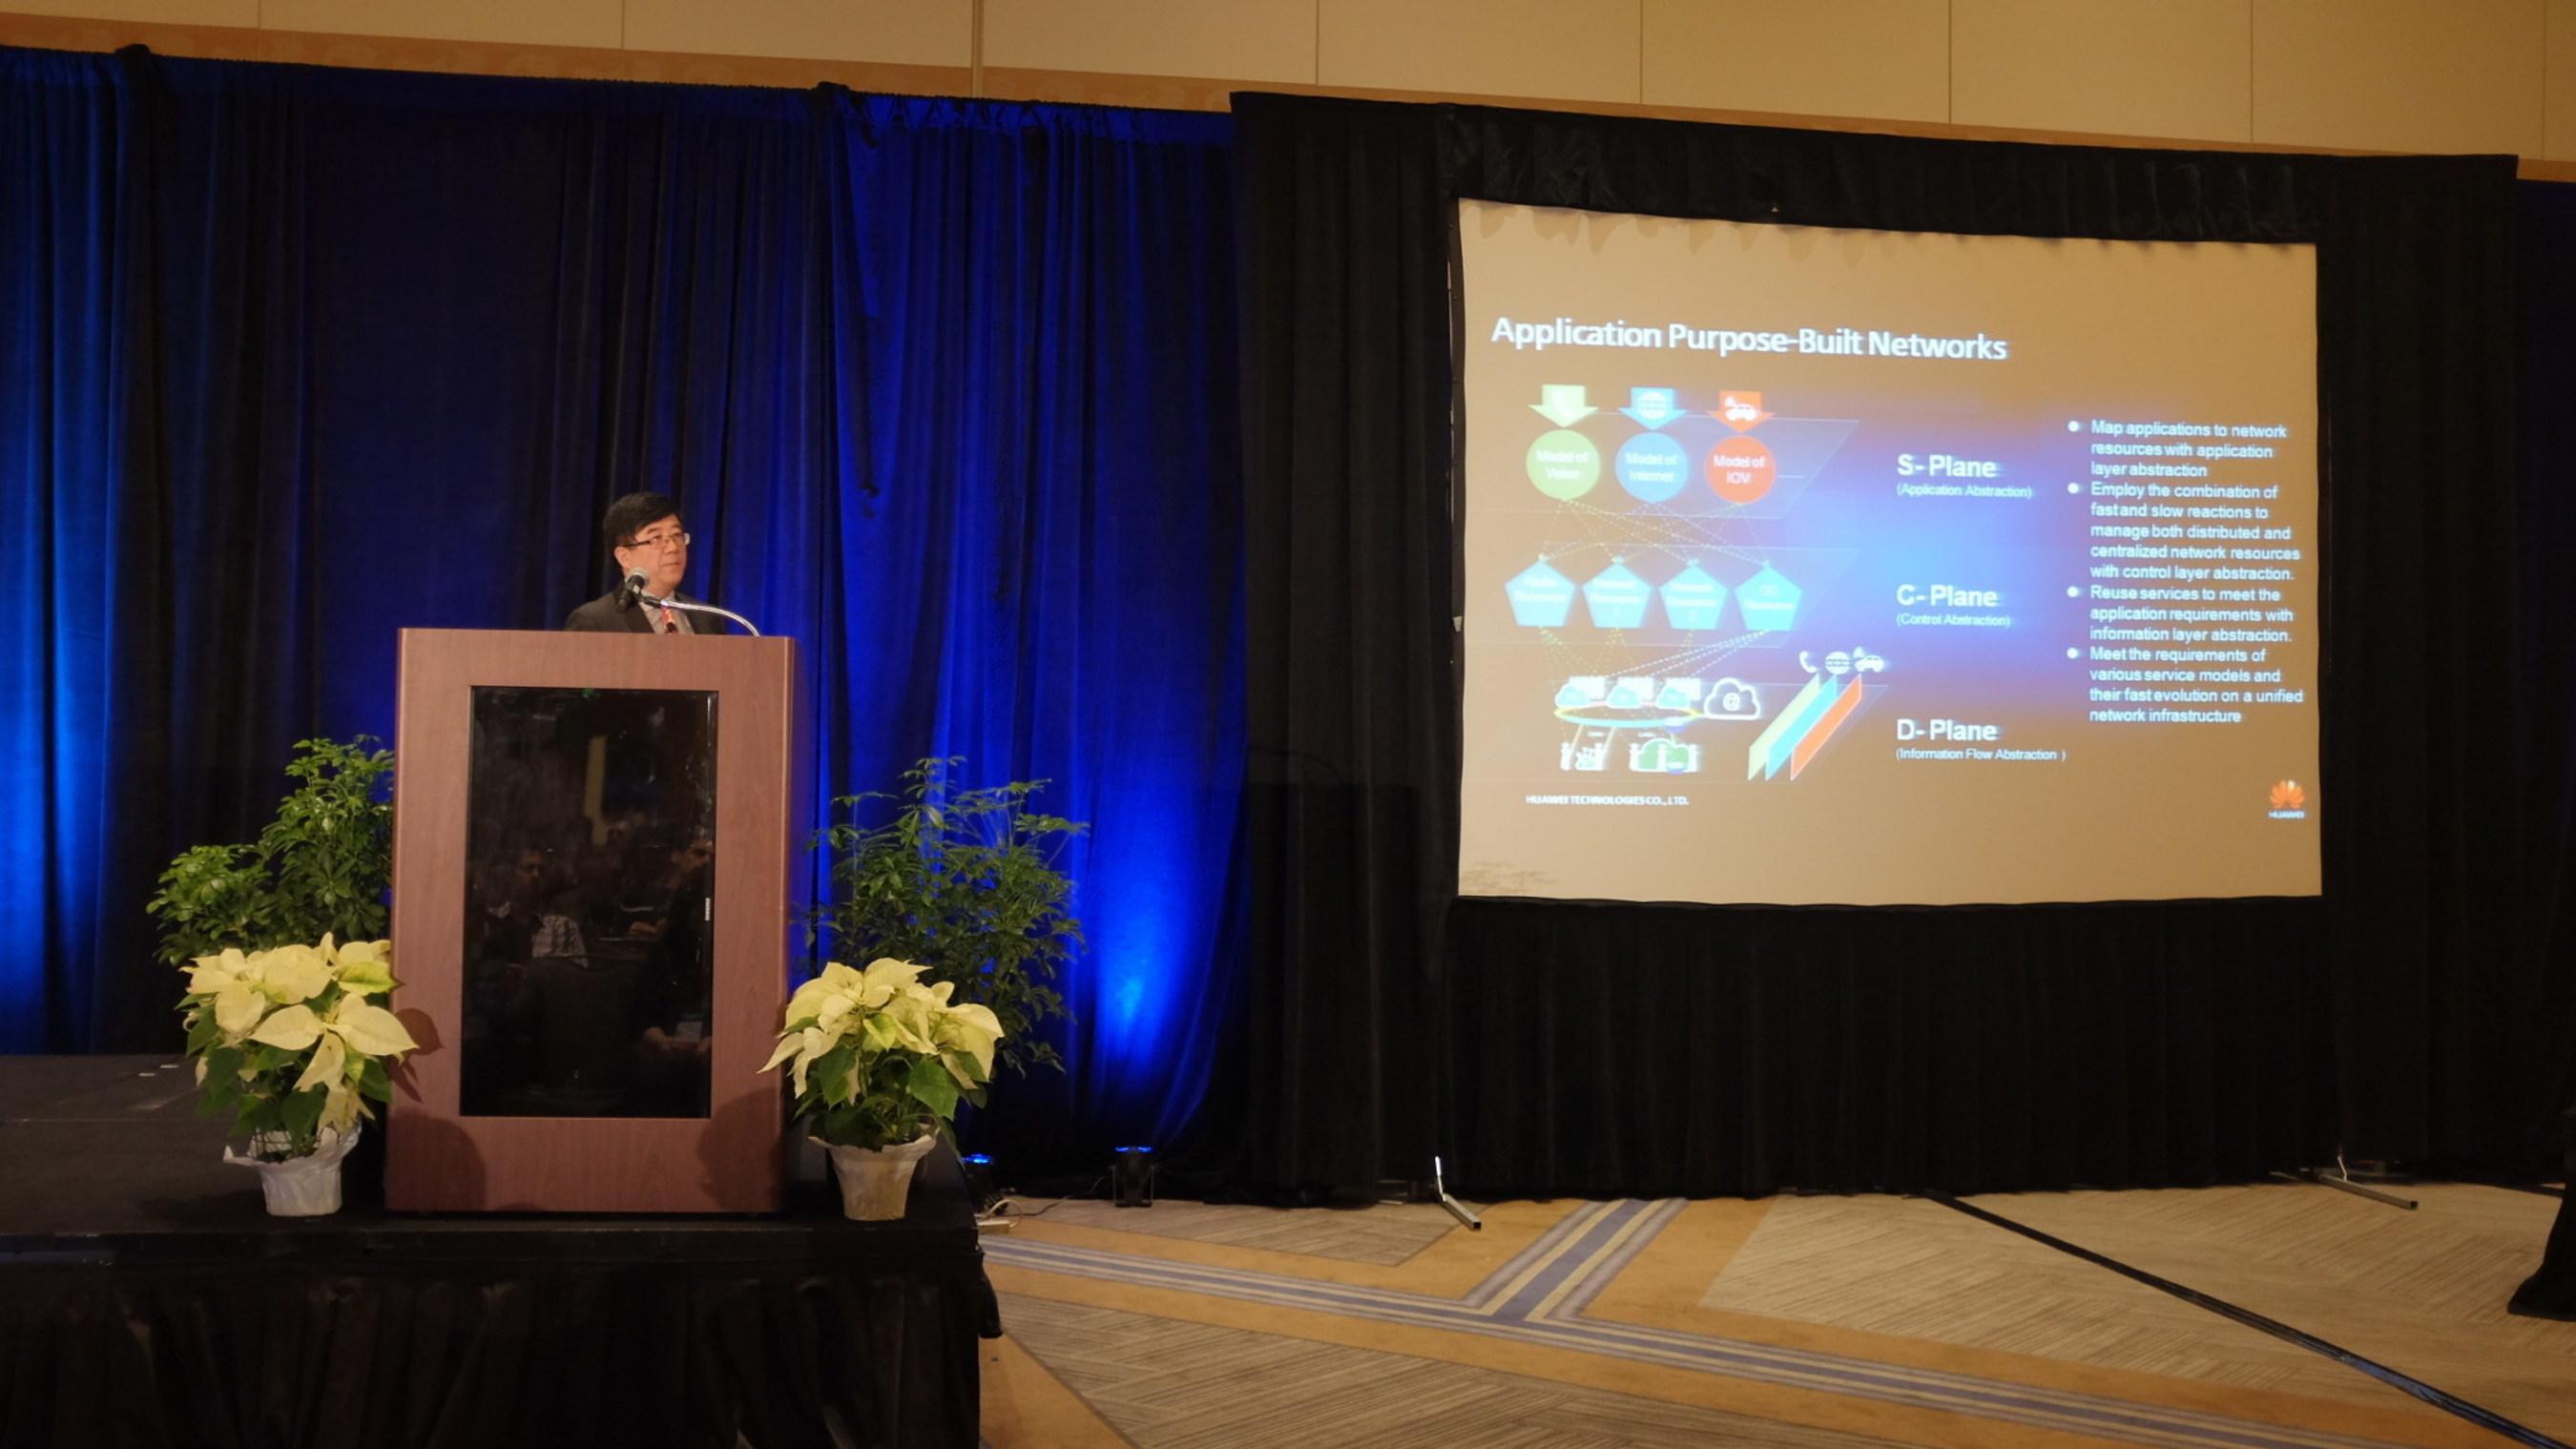 Huawei anuncia la visión de red basada en la aplicación para reinventar conceptos de arquitectura